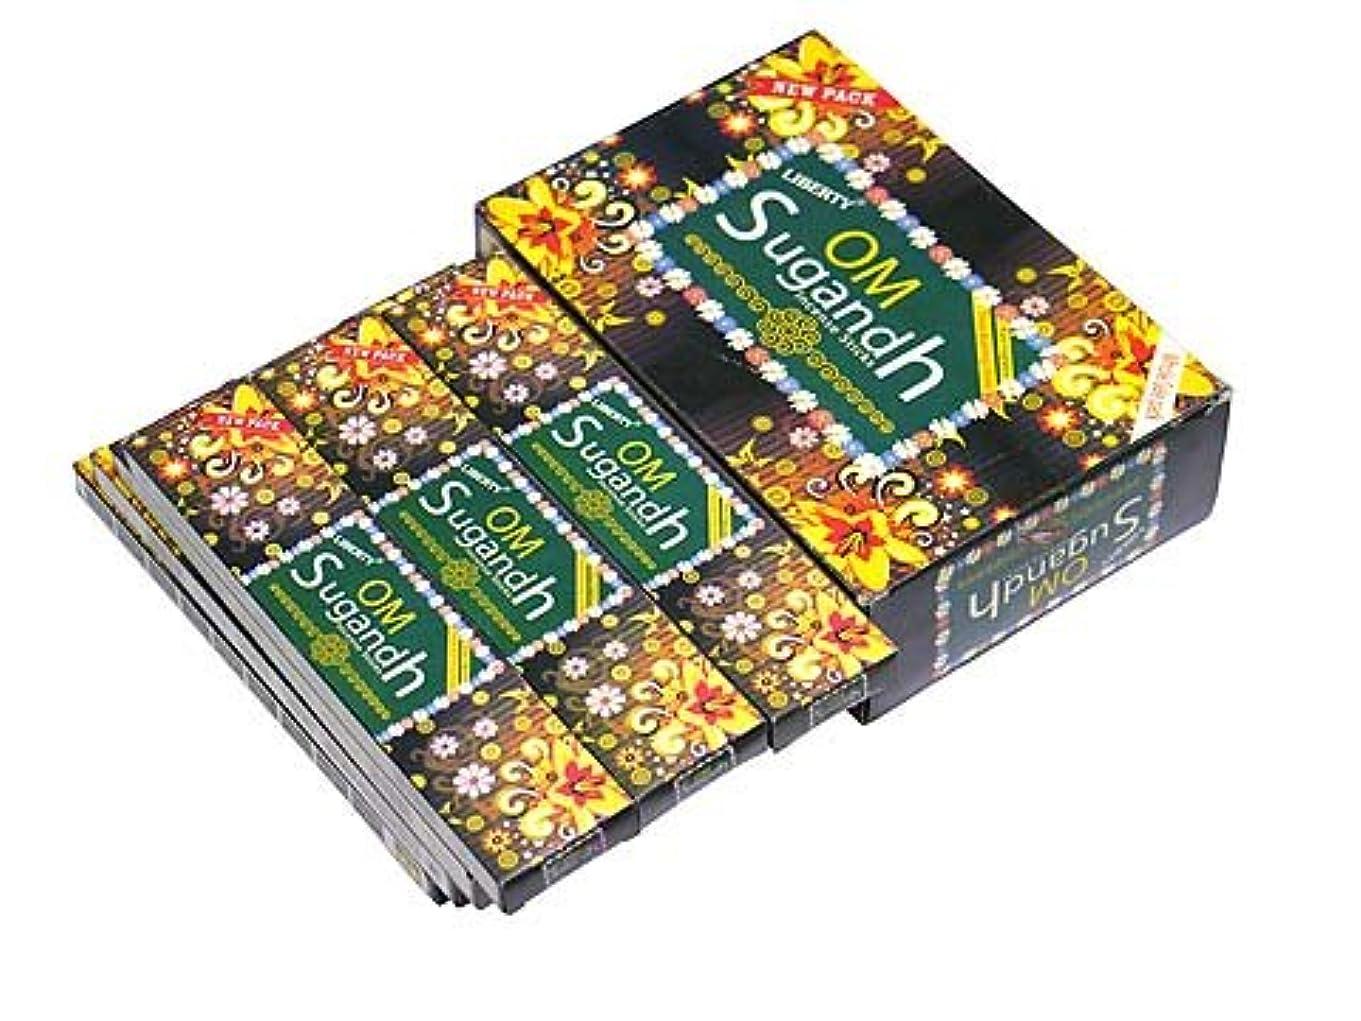 煙巻き戻す契約するLIBERTY'S(リバティーズ) オムスガンダ香 スティック OMSUGANDH 12箱セット